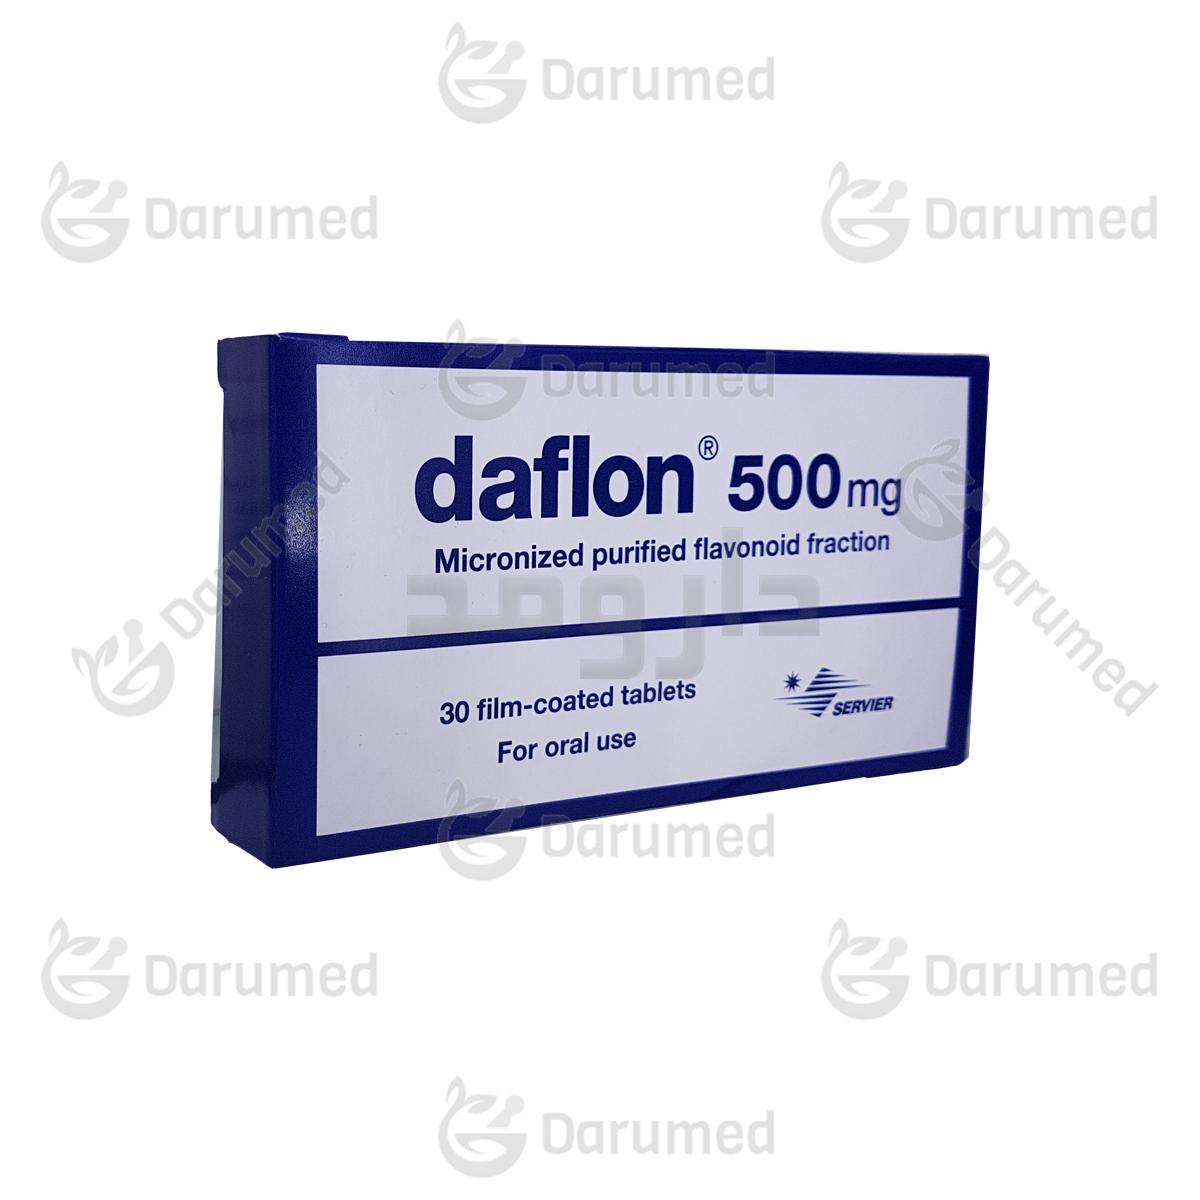 قرص-دافلون-500